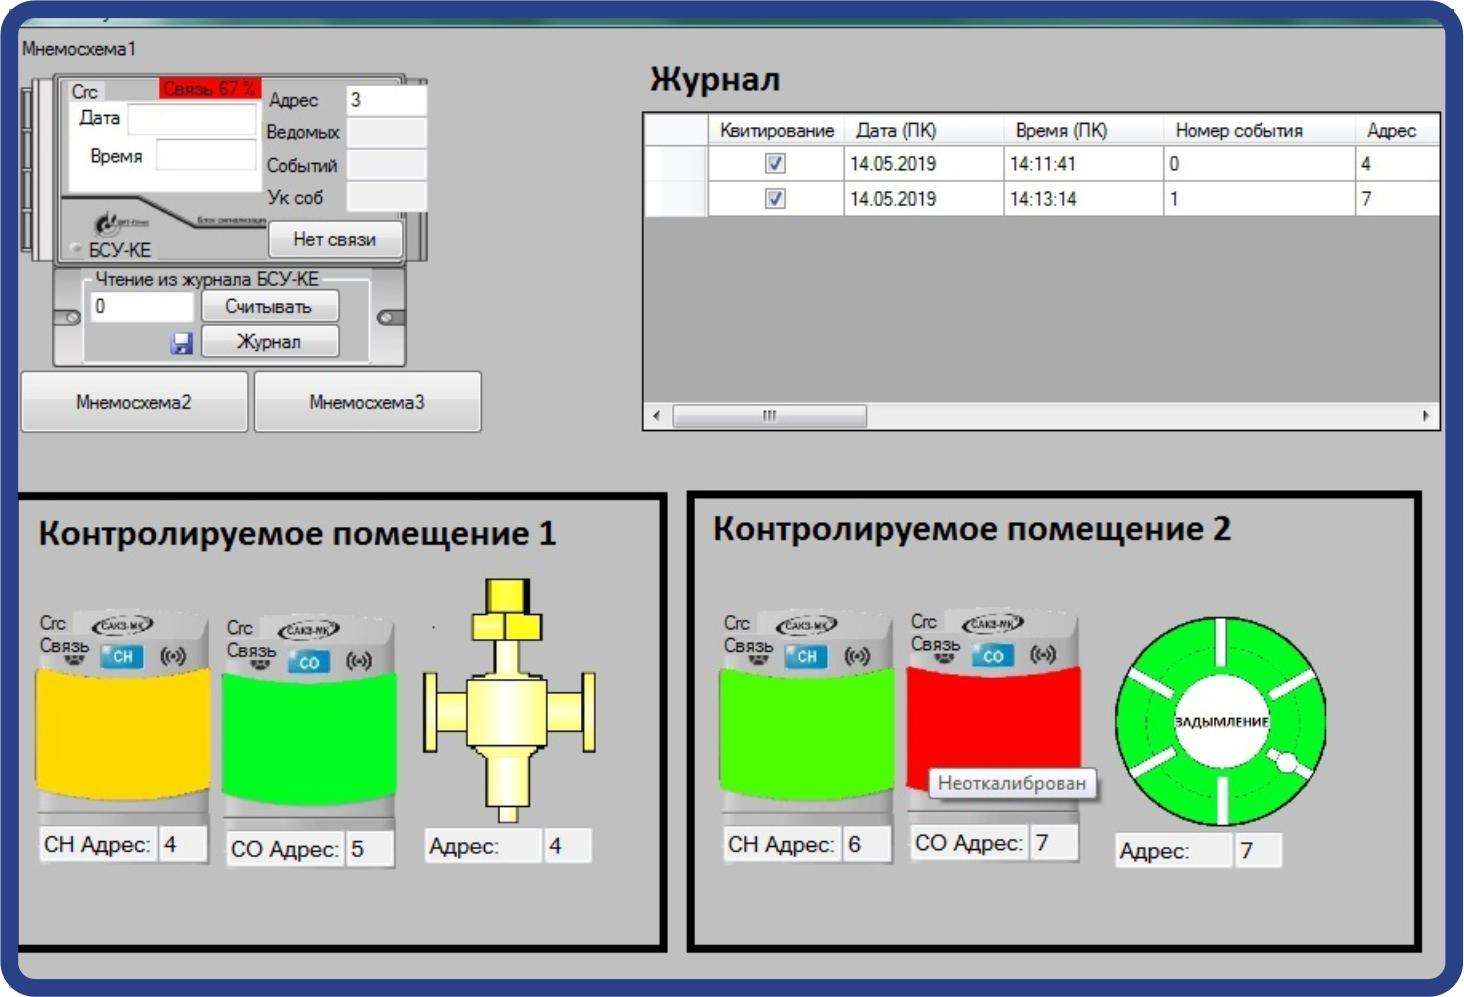 Программа мониторинга и настройки систем САКЗ-МК®-Е «миниSCADA»